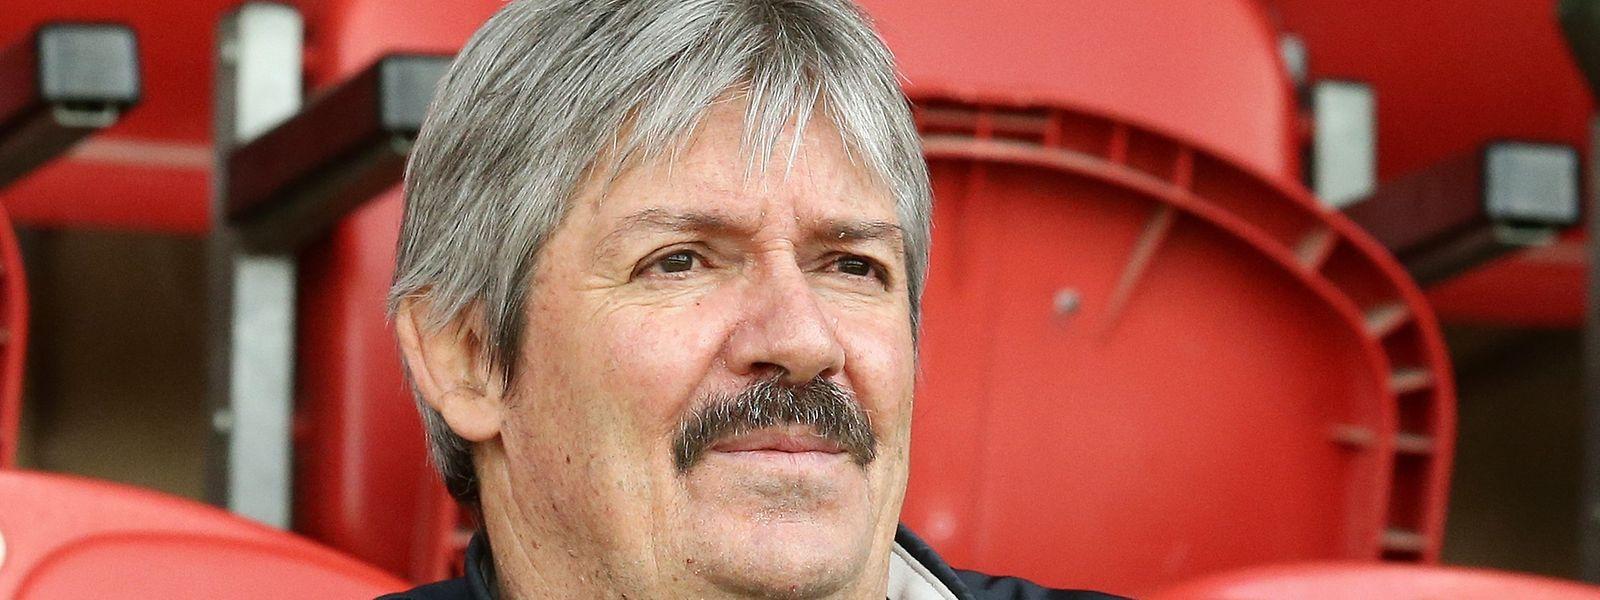 Paul Philipp fordert, dass trotz der Erfolge konsequent und ernsthaft weitergearbeitet wird.